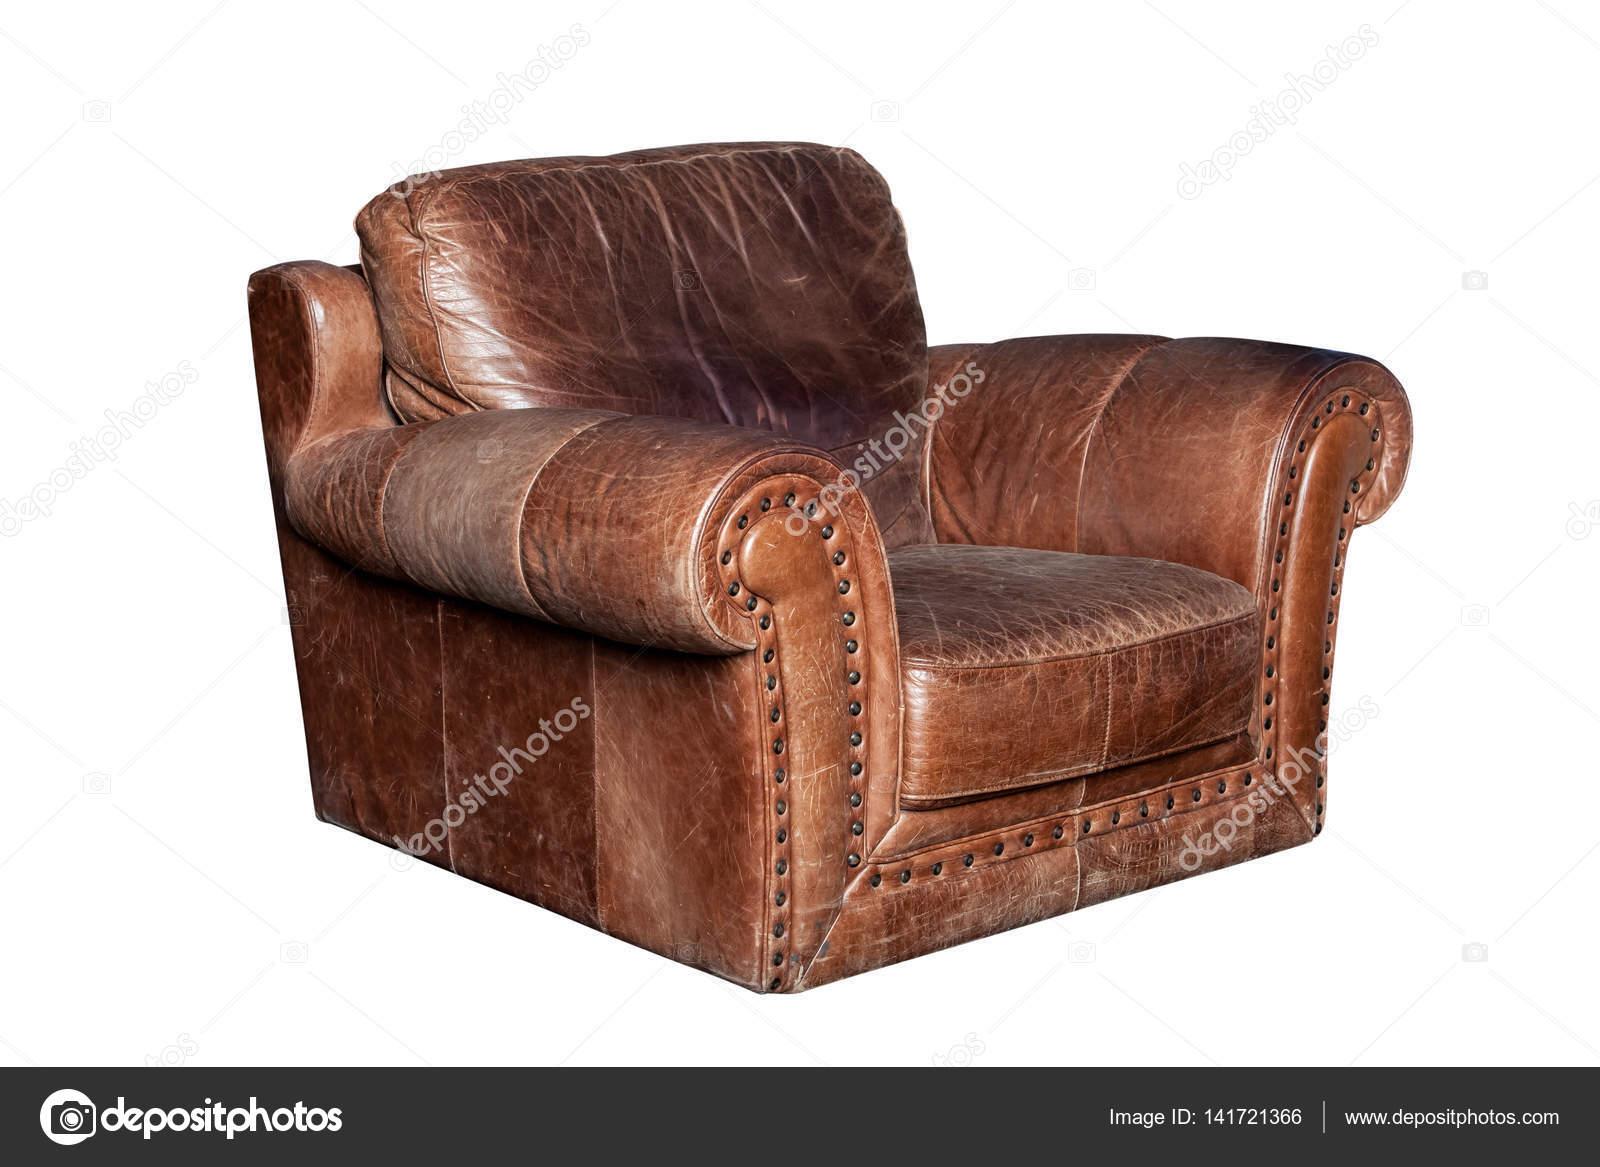 Bruin leren stoel u2014 stockfoto © prescott10 #141721366